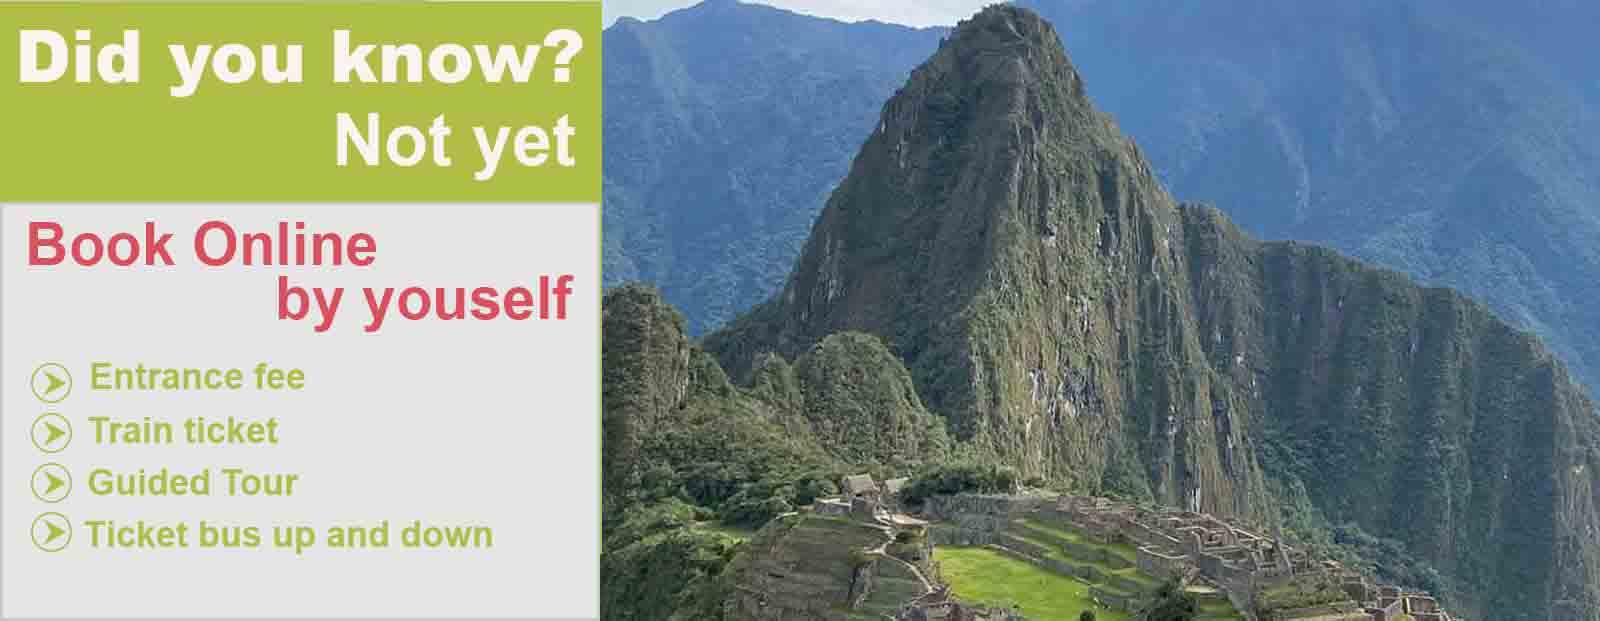 Machu Picchu train tickets 2021